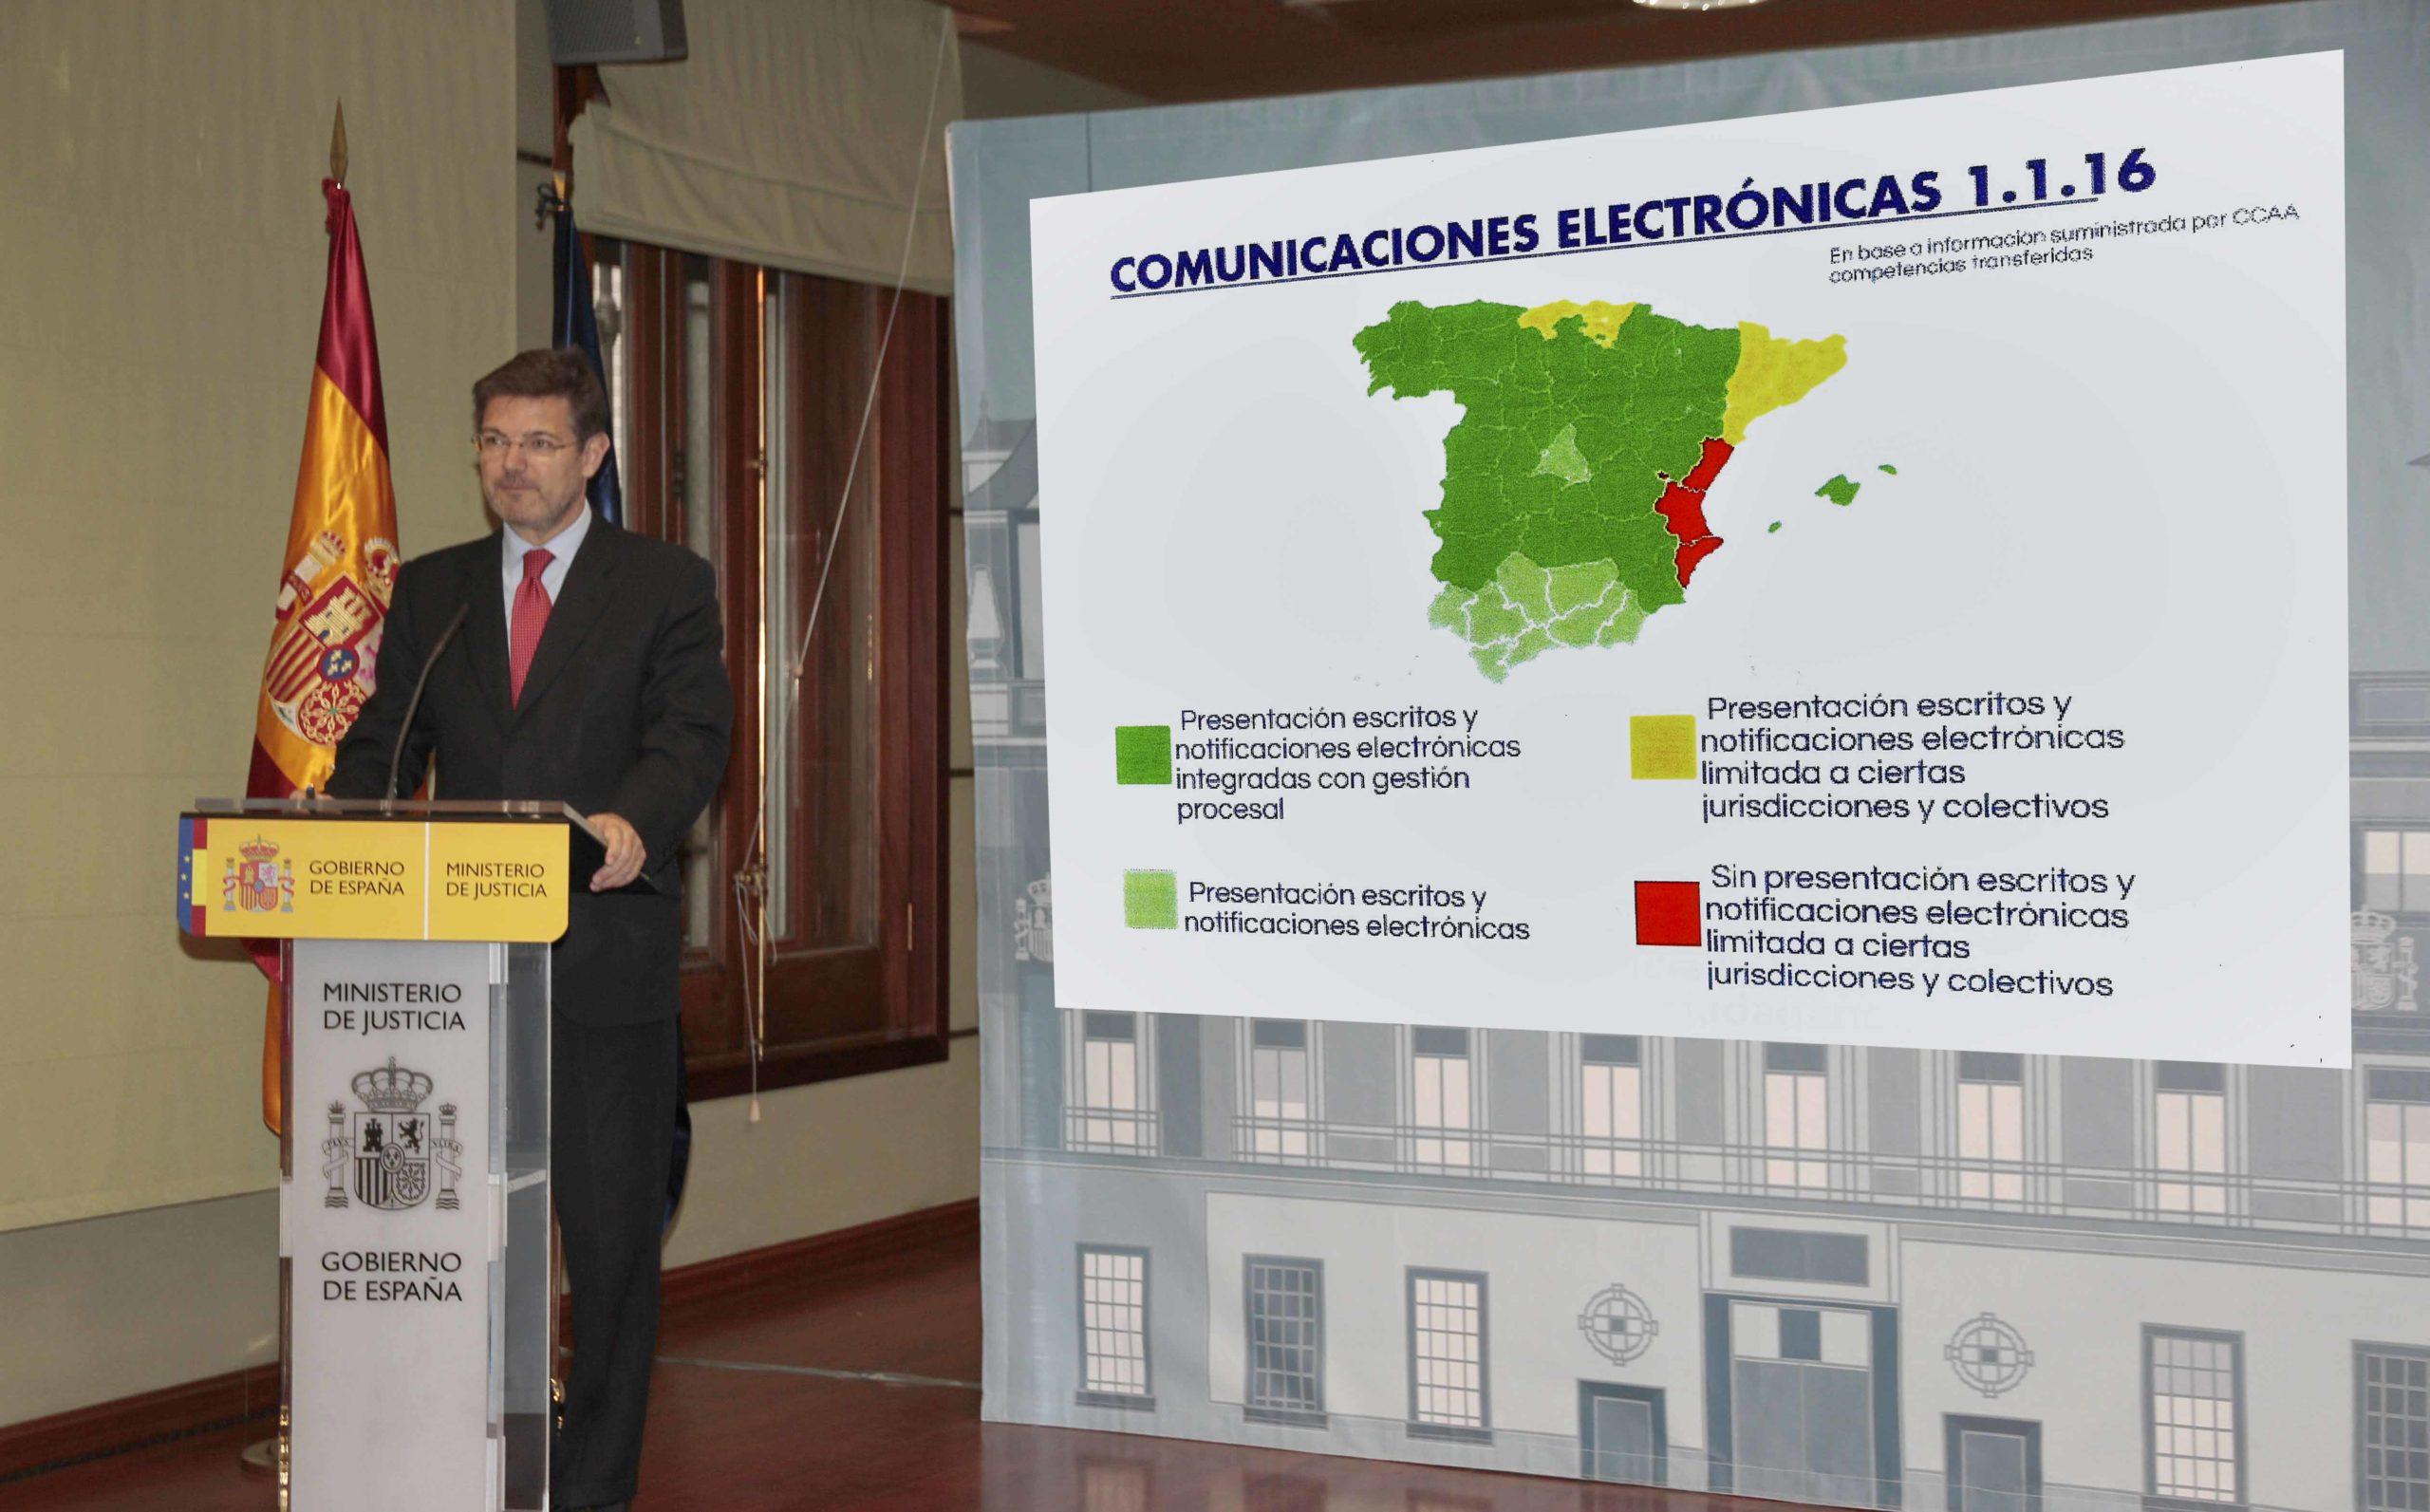 La Comunidad Valenciana es la que está a la cola de la implantación del papel cero en España, según Catalá.